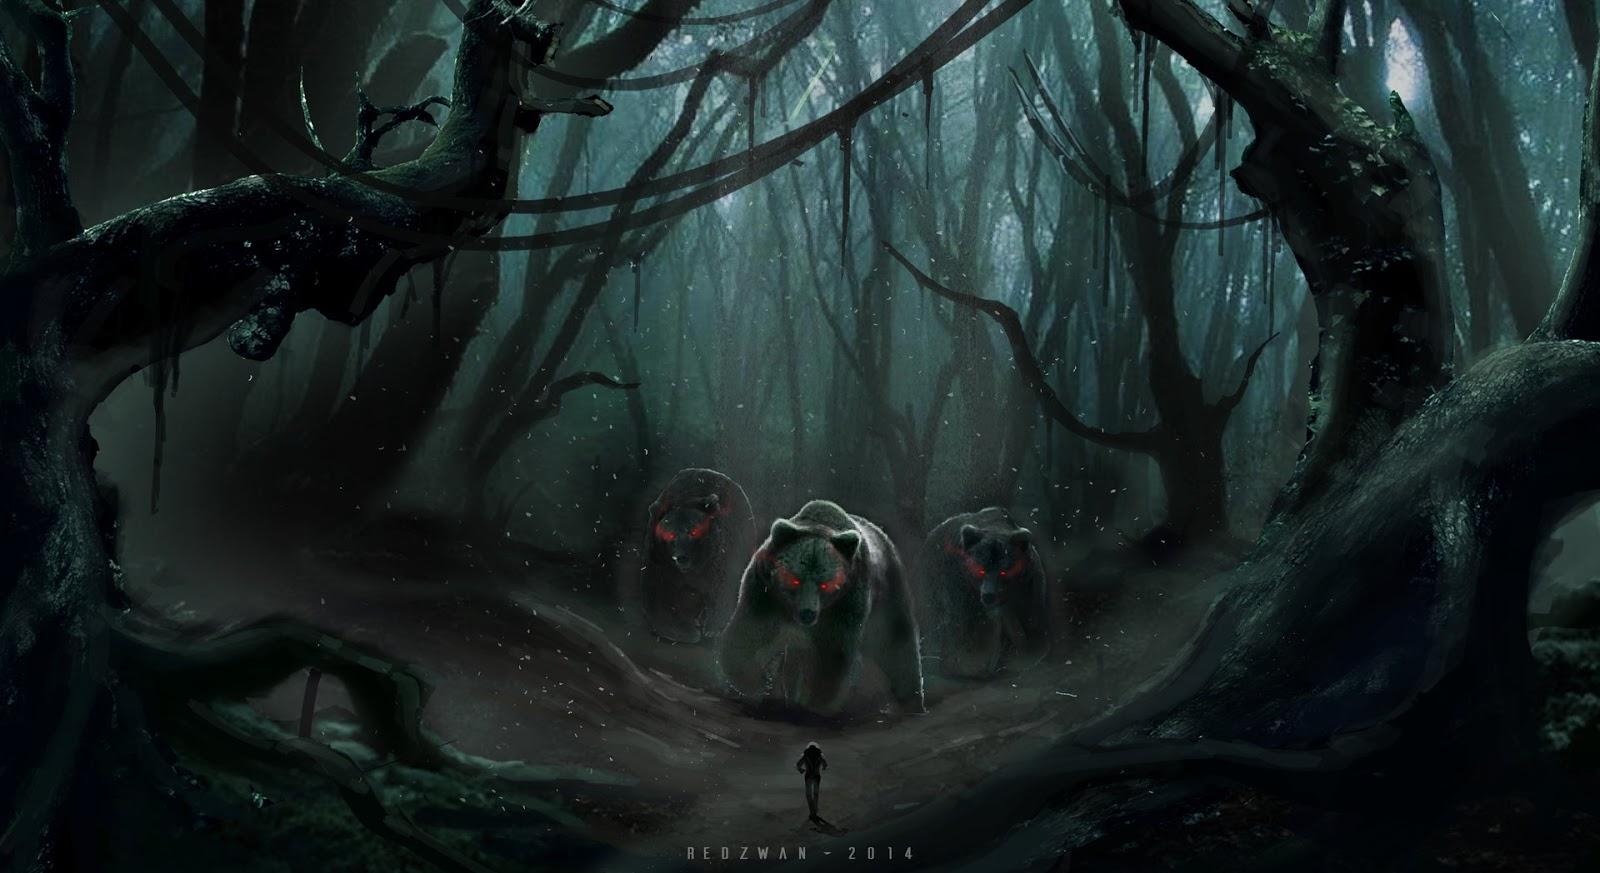 Sociolatte: Dark Forest by Redzwan Hamid